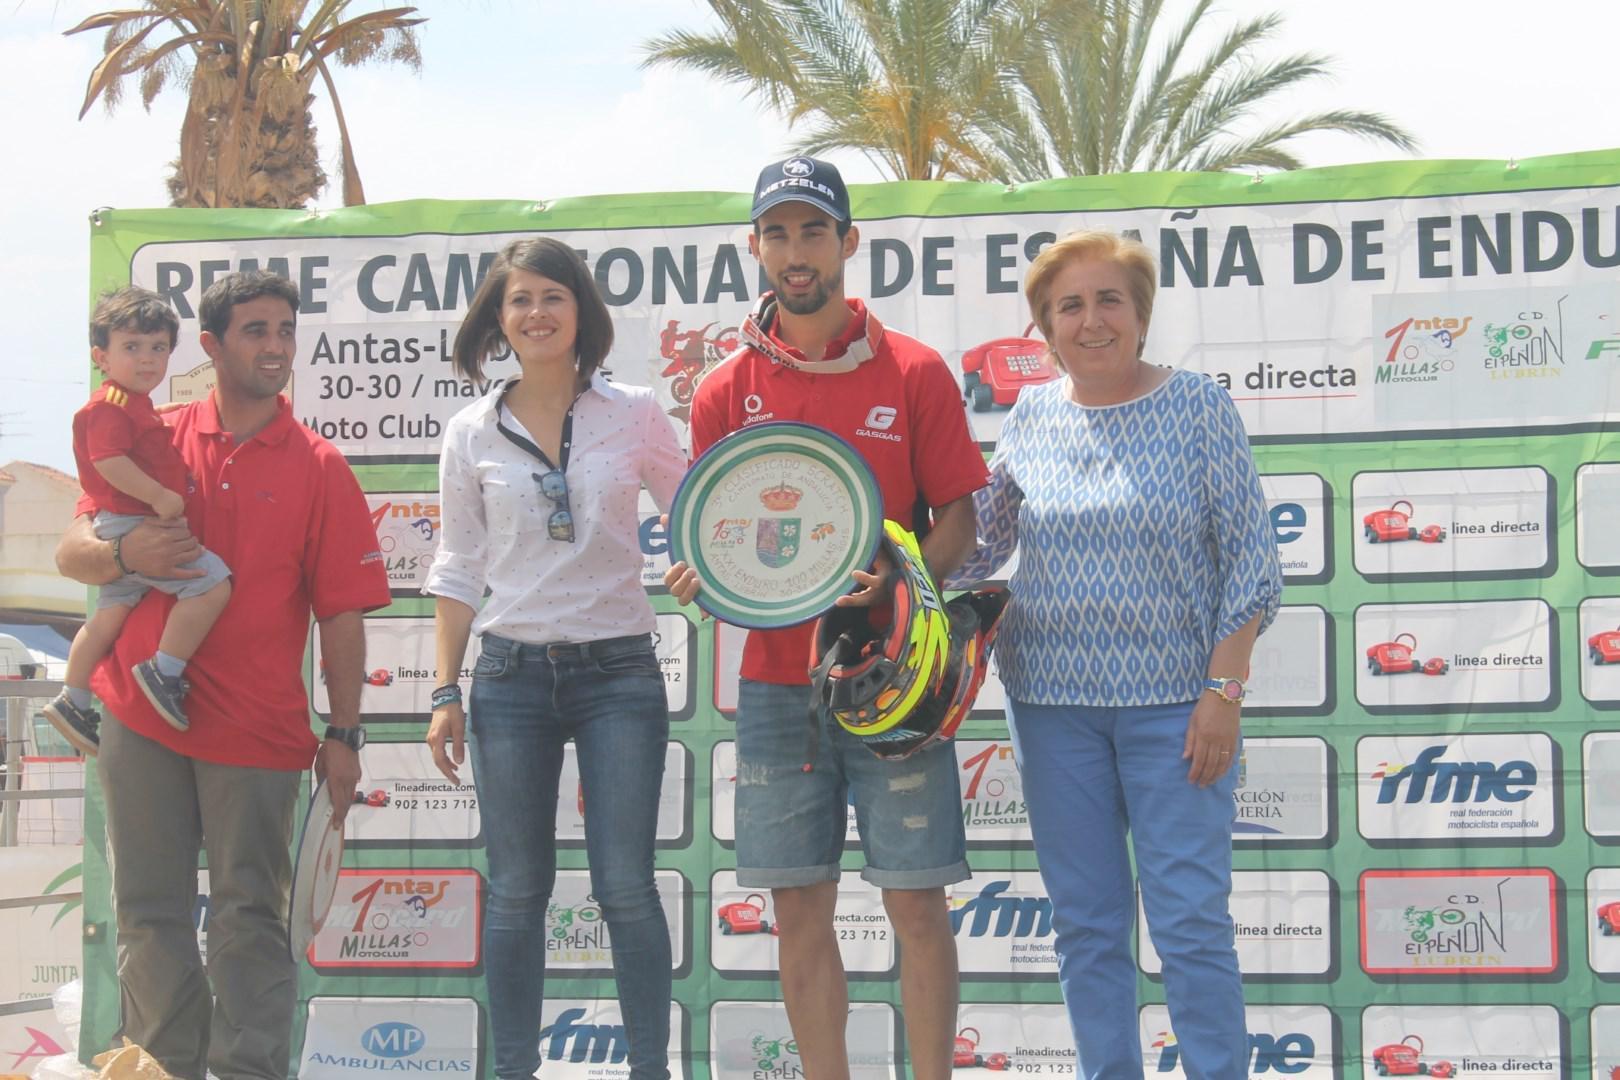 Diputación apoya el Campeonato de España de enduro, celebrado en Antas y Lubrín